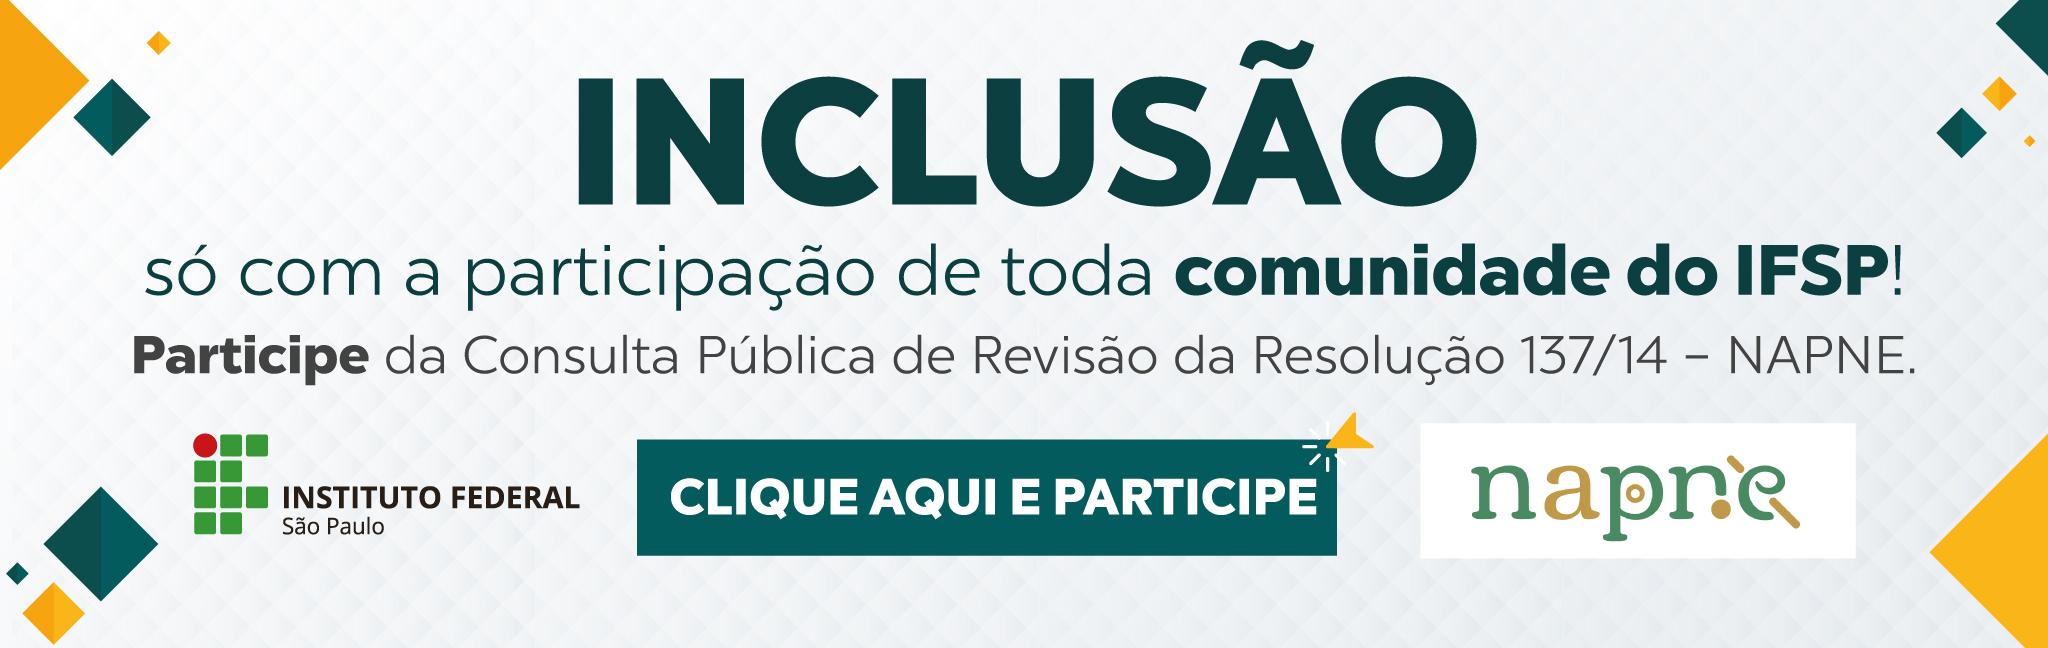 Napne_revisão